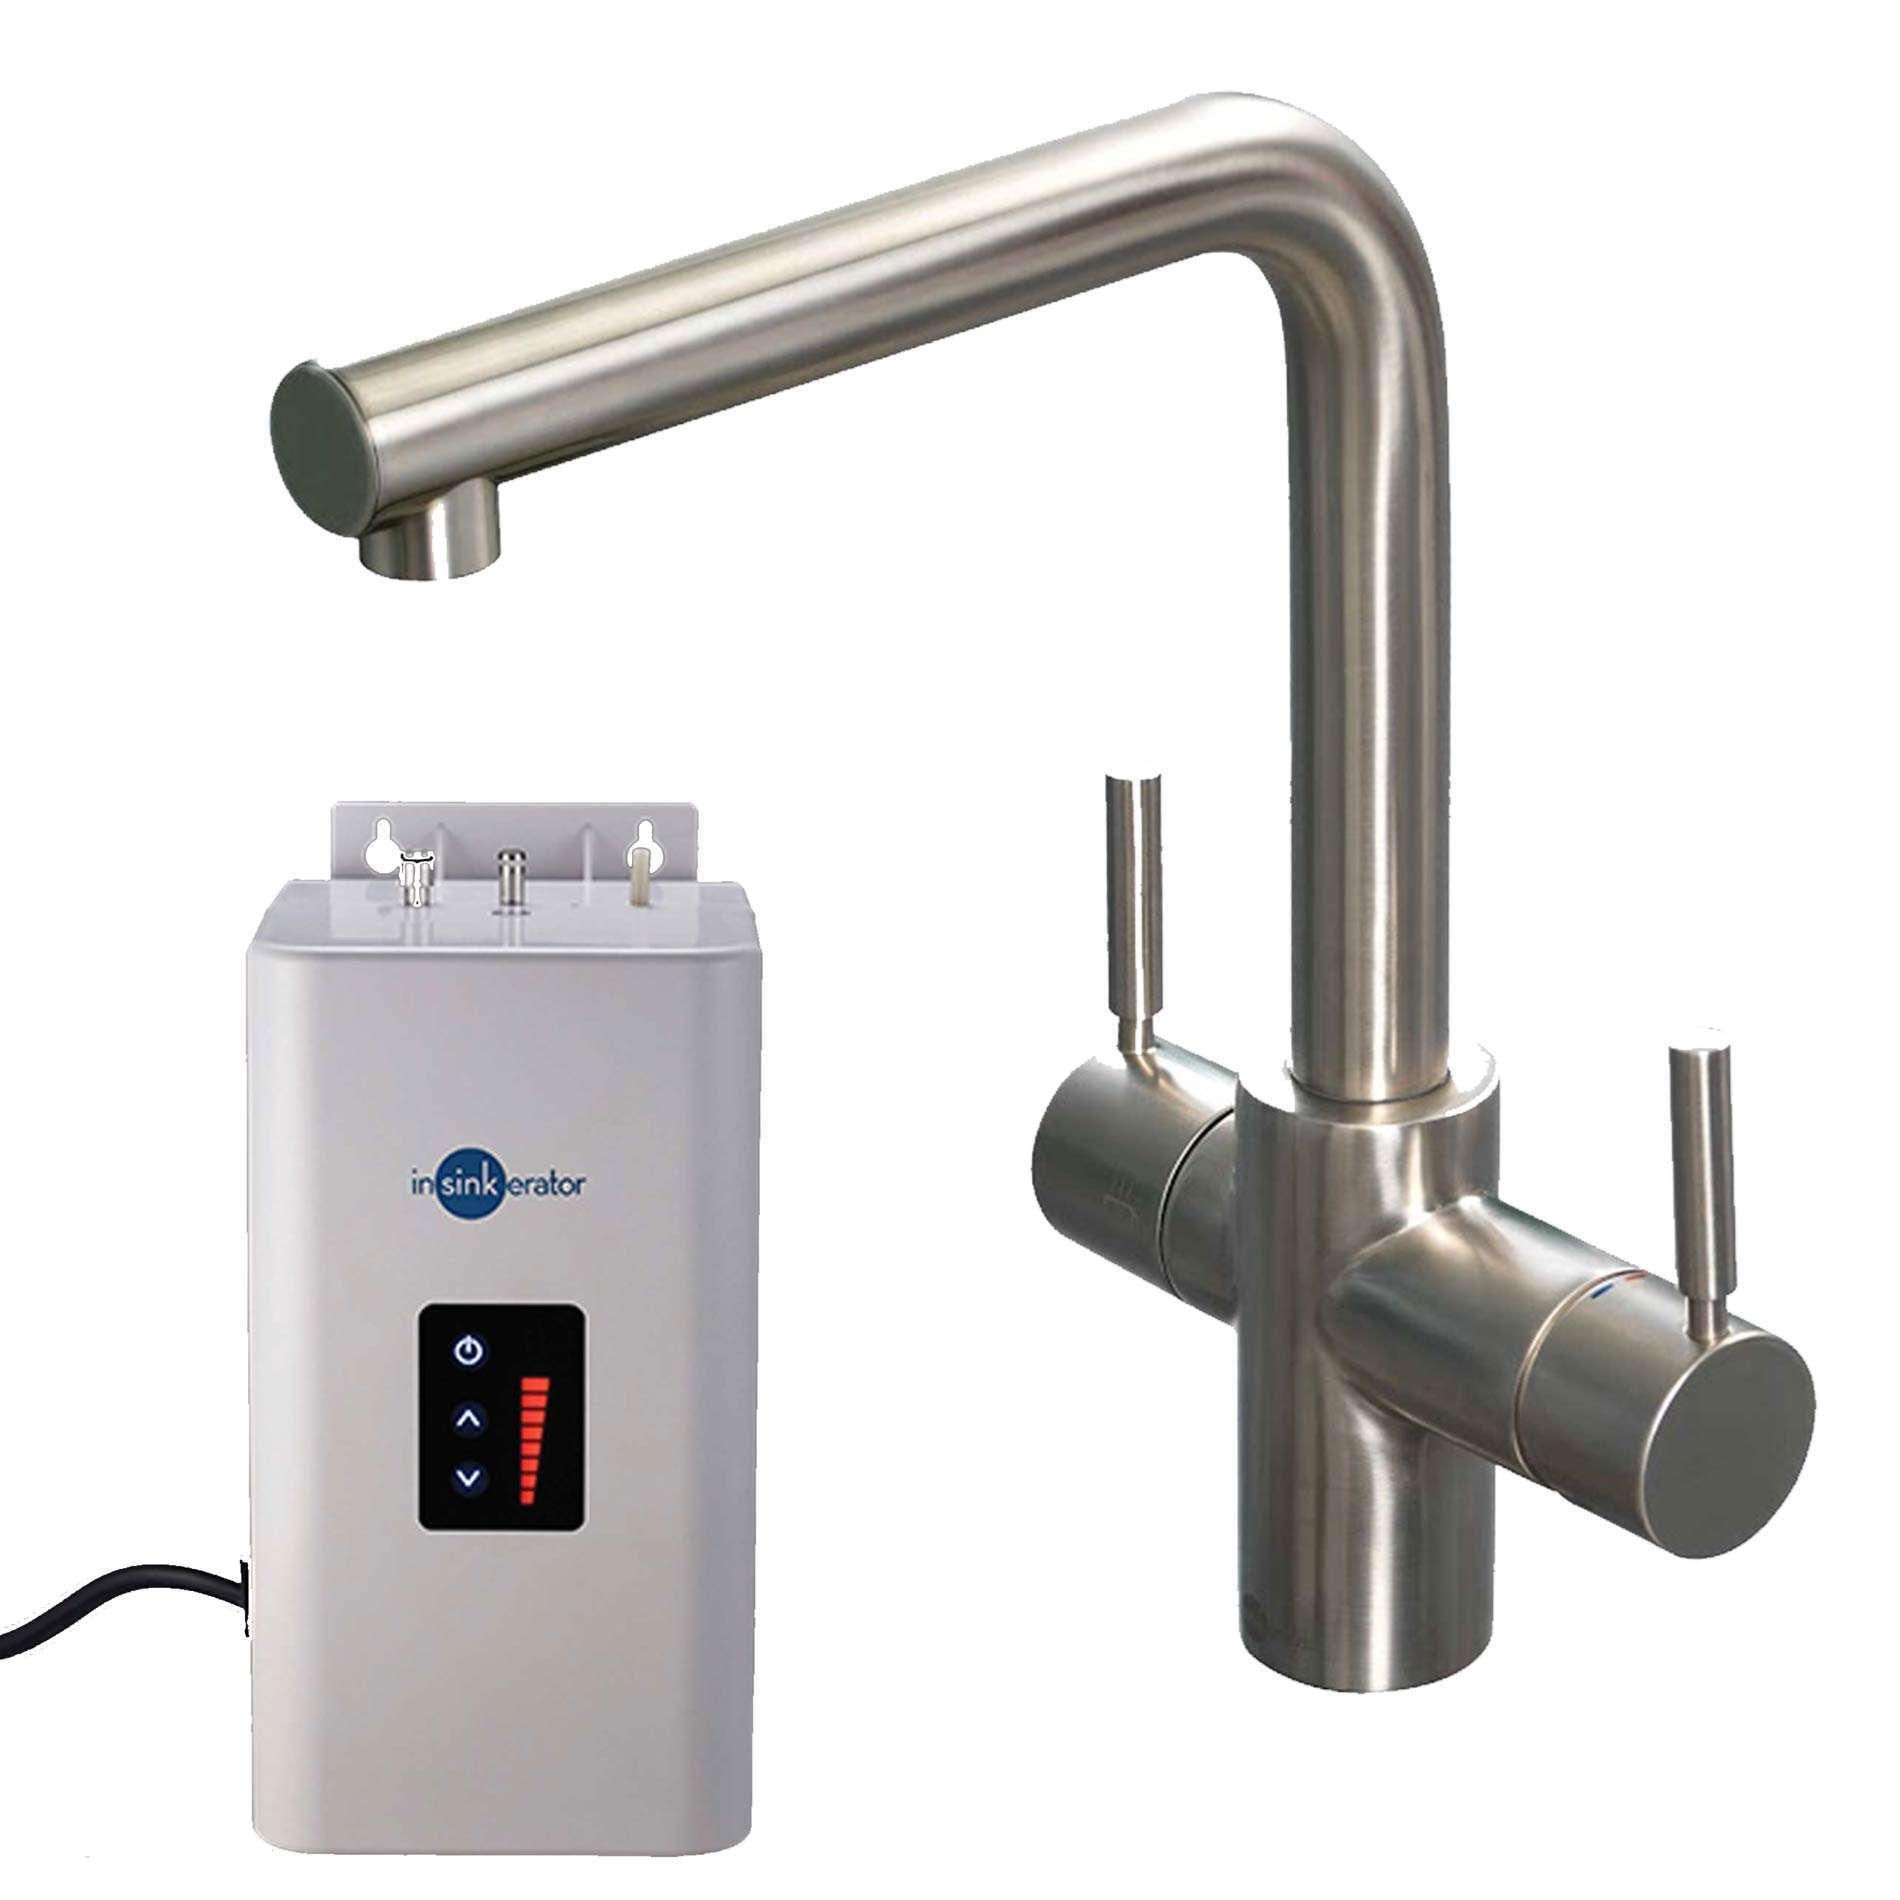 insinkerator 3n1 brushed steel steaming hot water tap pack